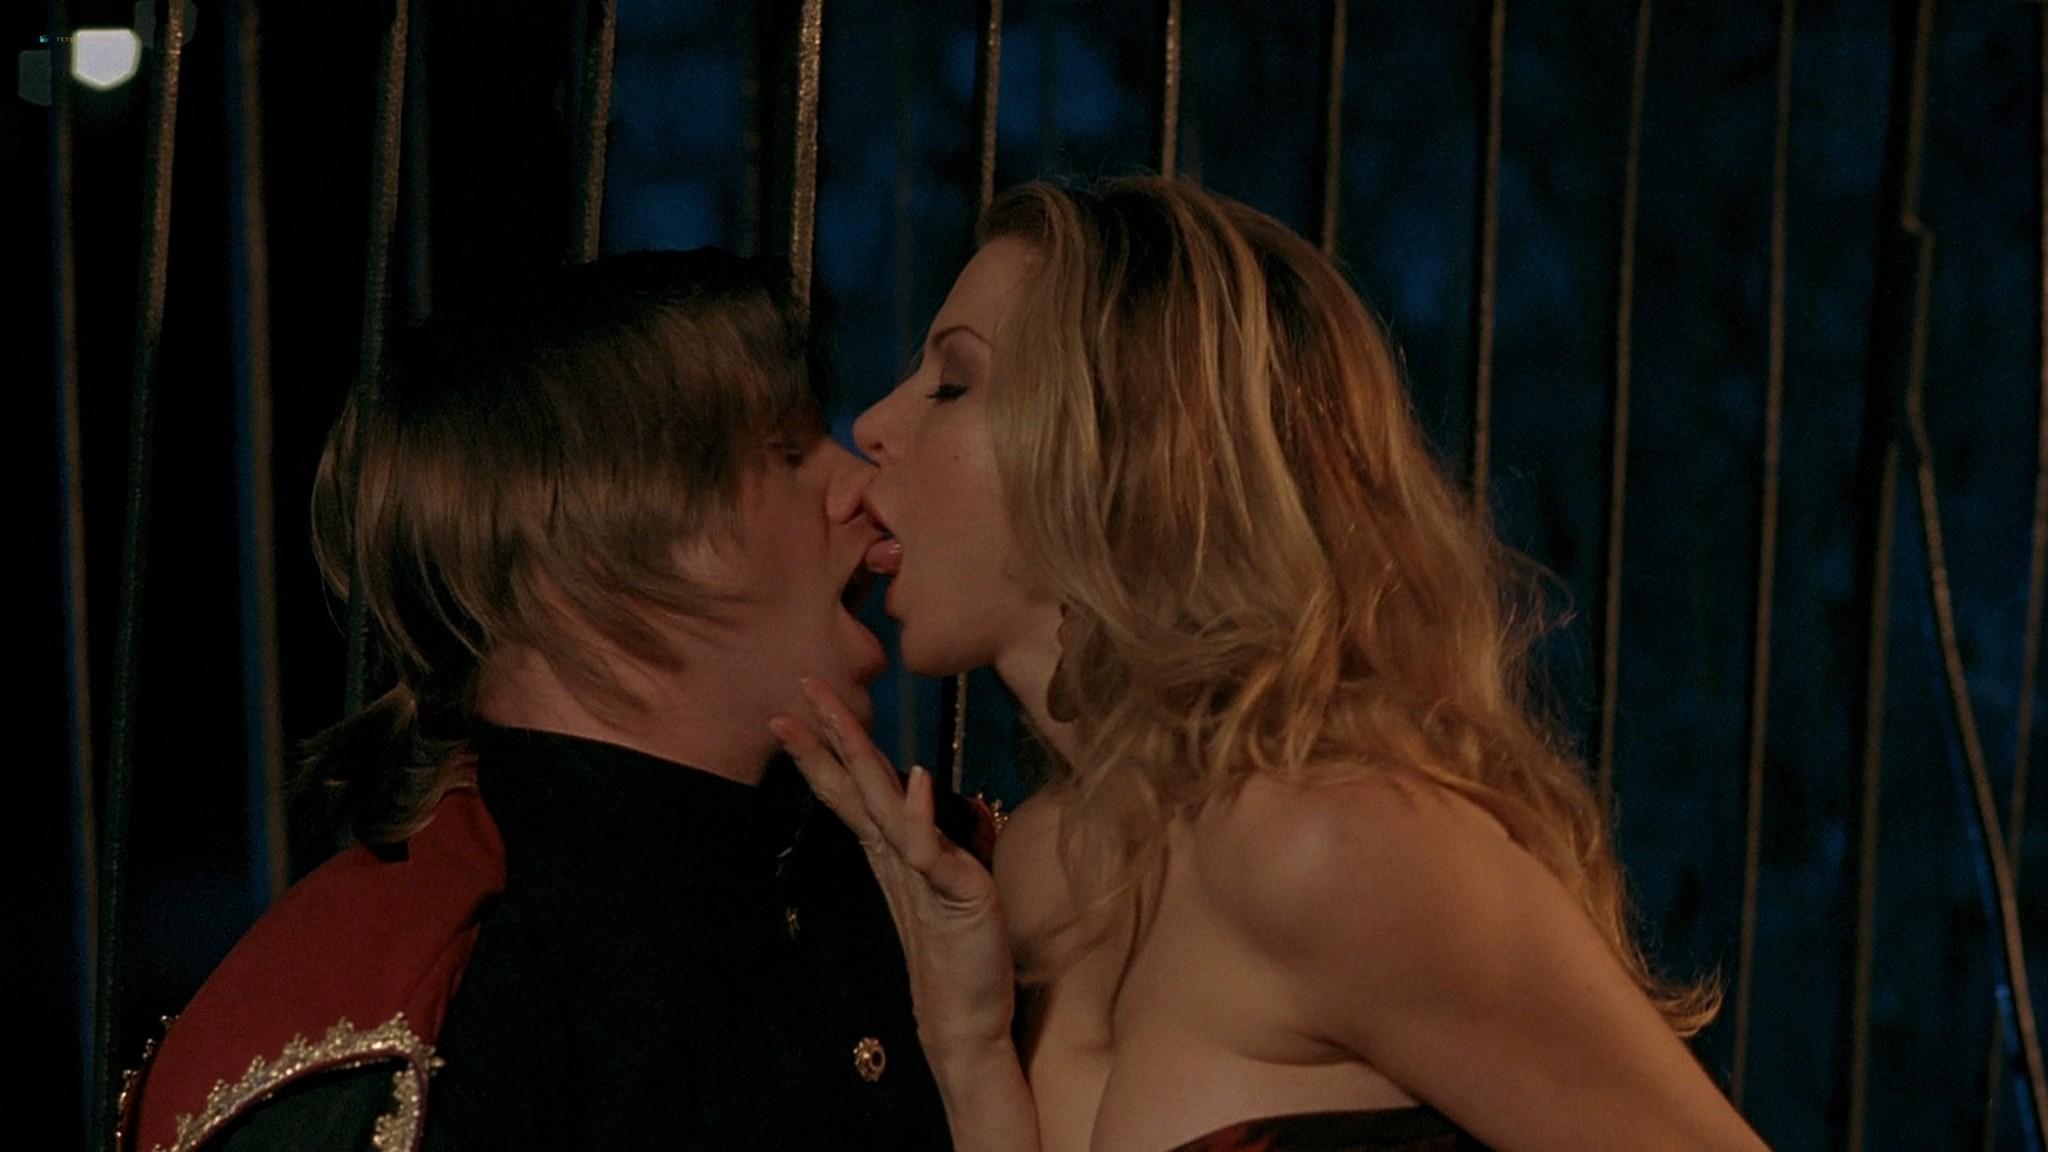 Jennifer Lyons hot Simon Petric, Desiree Malonga and others nude - Transylmania (2009) HD 1080p BluRay (r) (10)